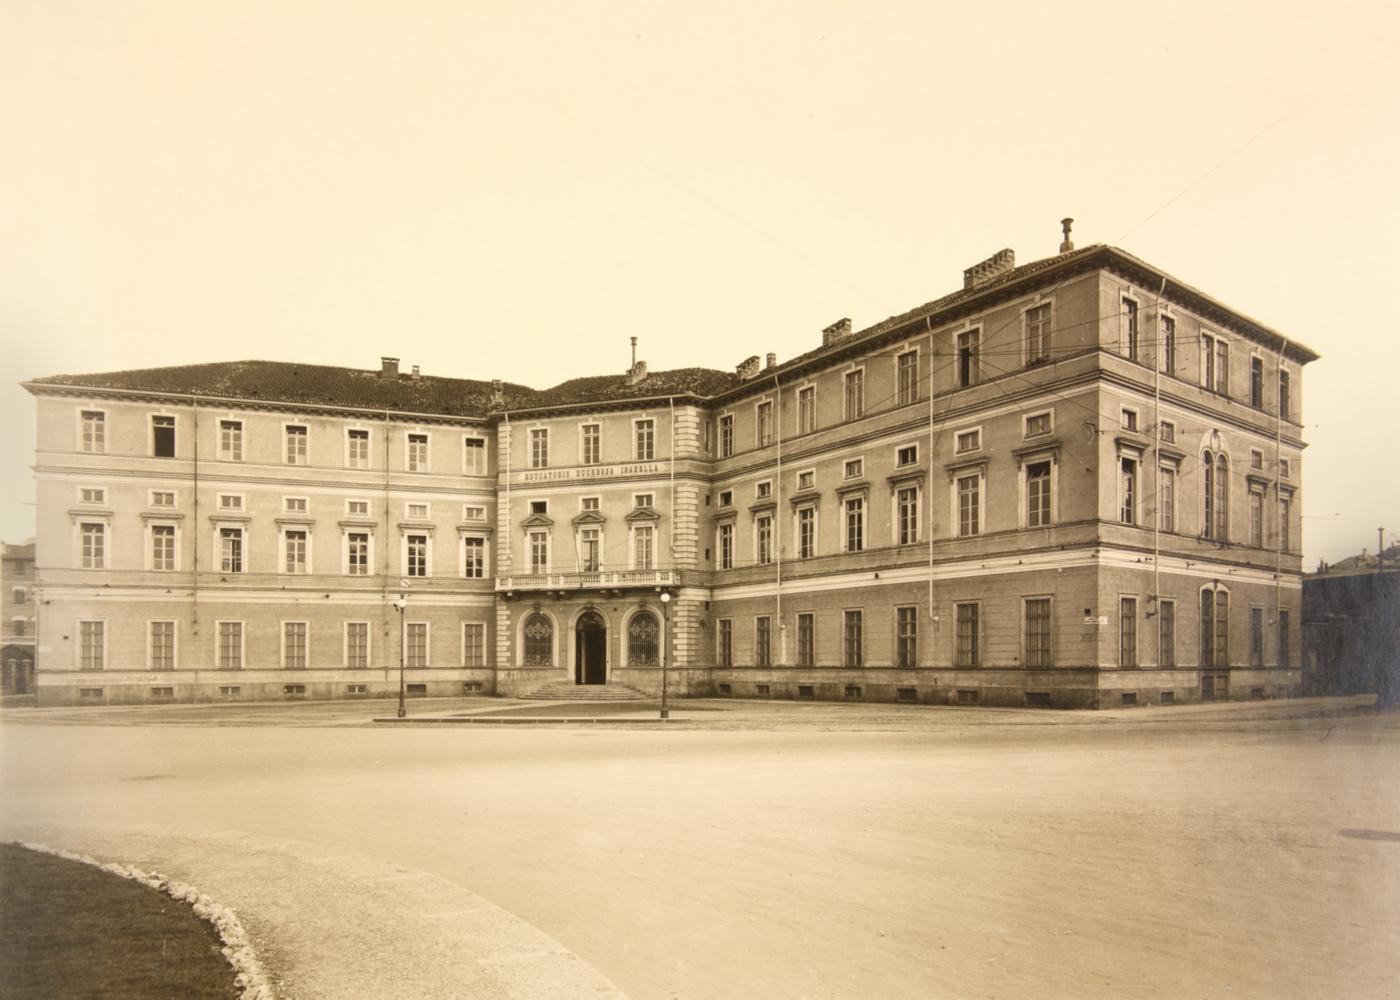 Restauro e trasformazione in uffici di un palazzo ottocentesco. L'Educatorio Duchessa Isabella in una foto storica | Bottega di Architettura